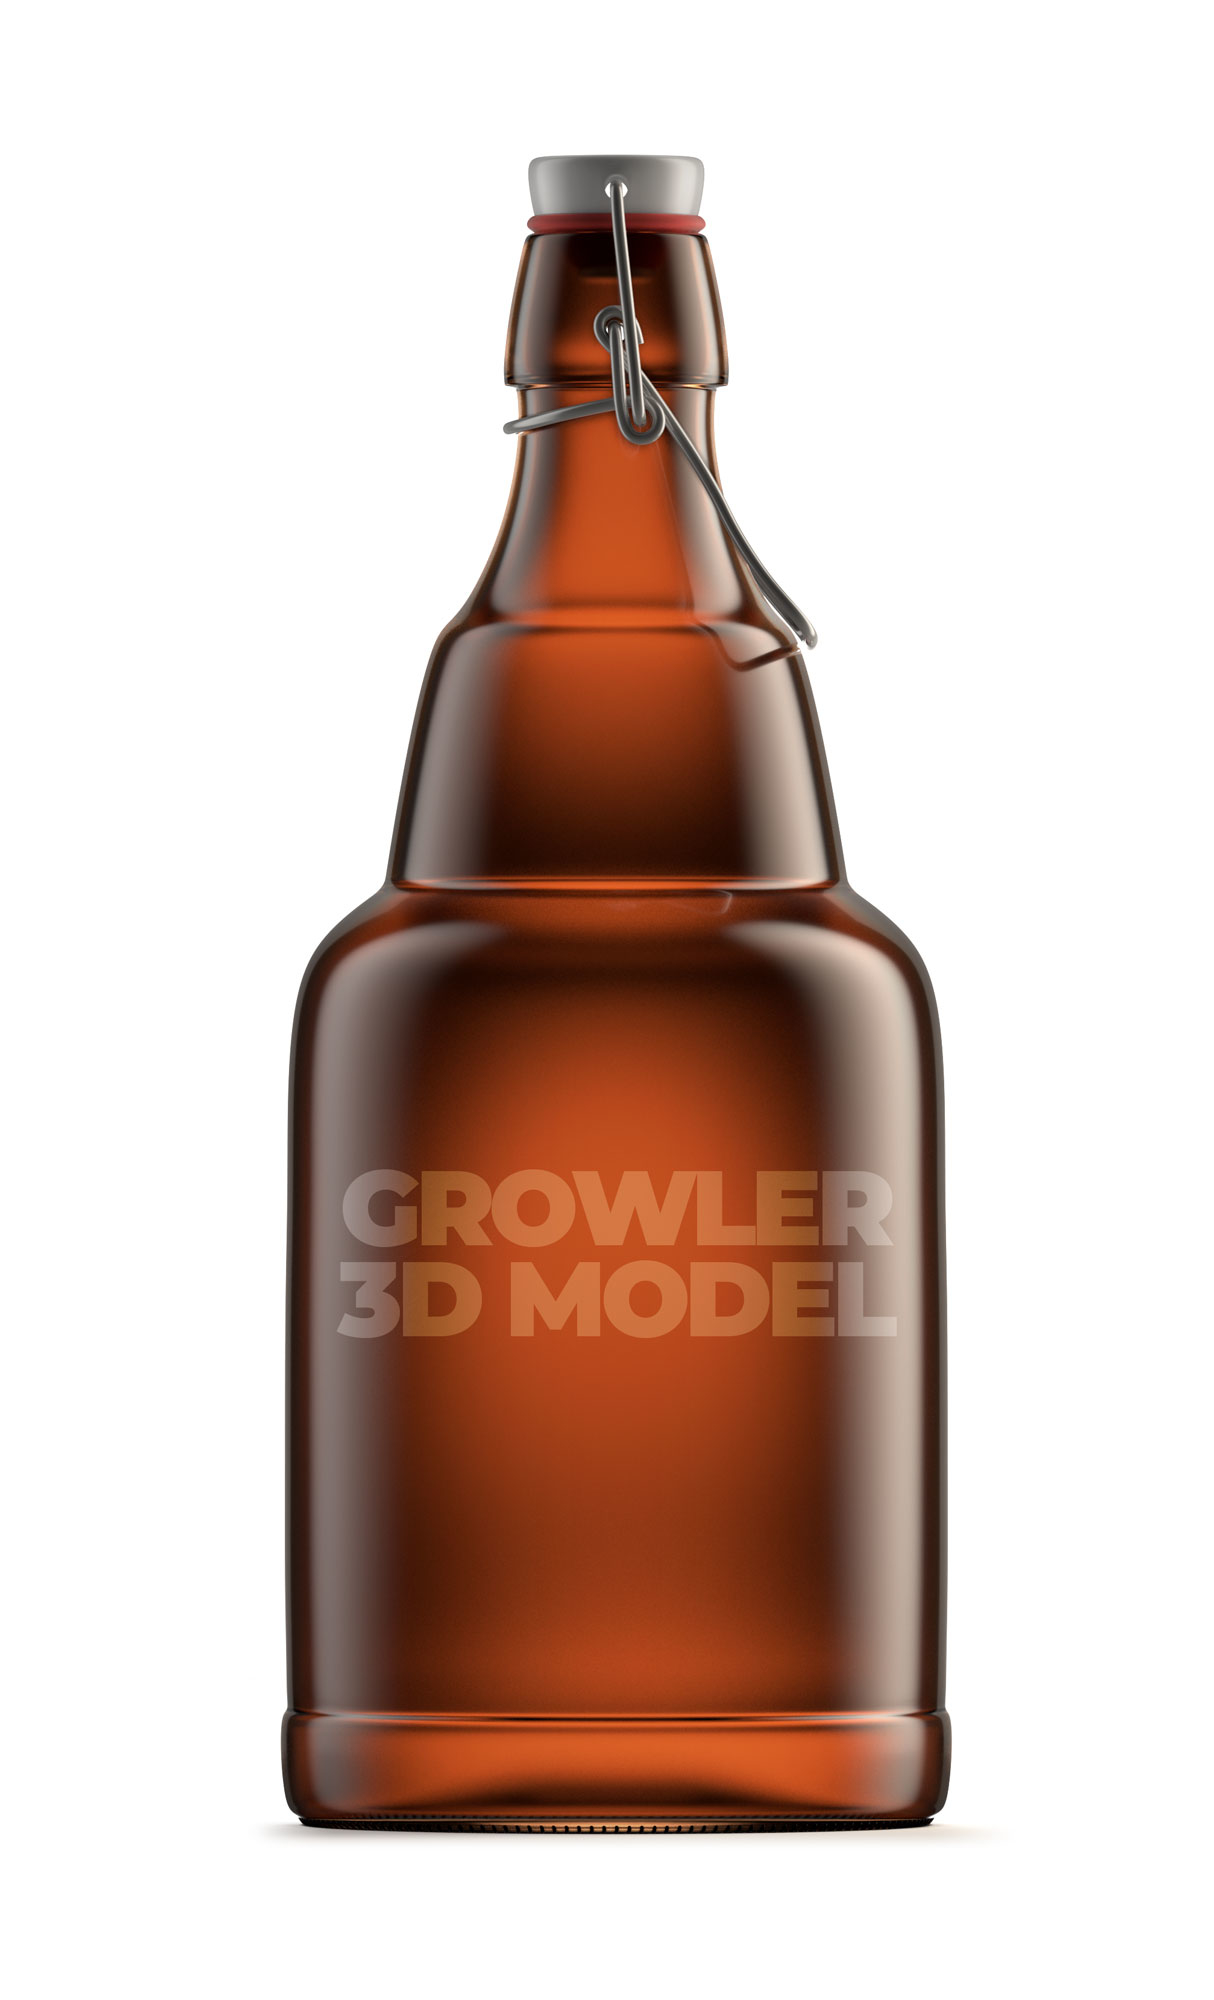 3D growler beer